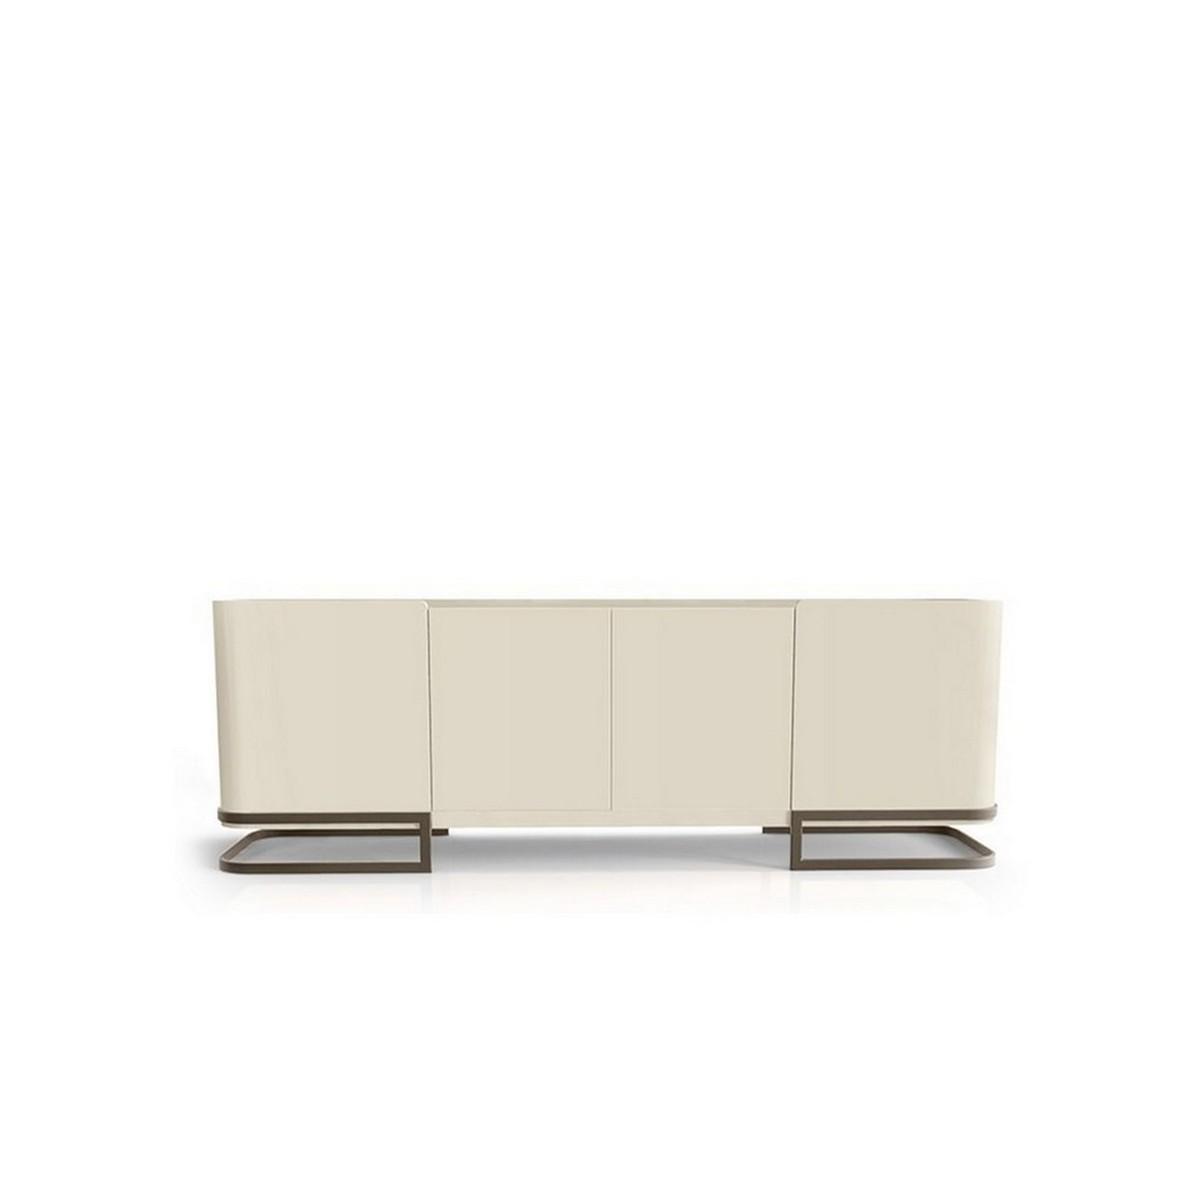 Aparadores lujuosos: Piezas elegantes para un proyecto exclusivo aparadores lujuosos Aparadores lujuosos: Piezas elegantes para un proyecto exclusivo 1 1 1